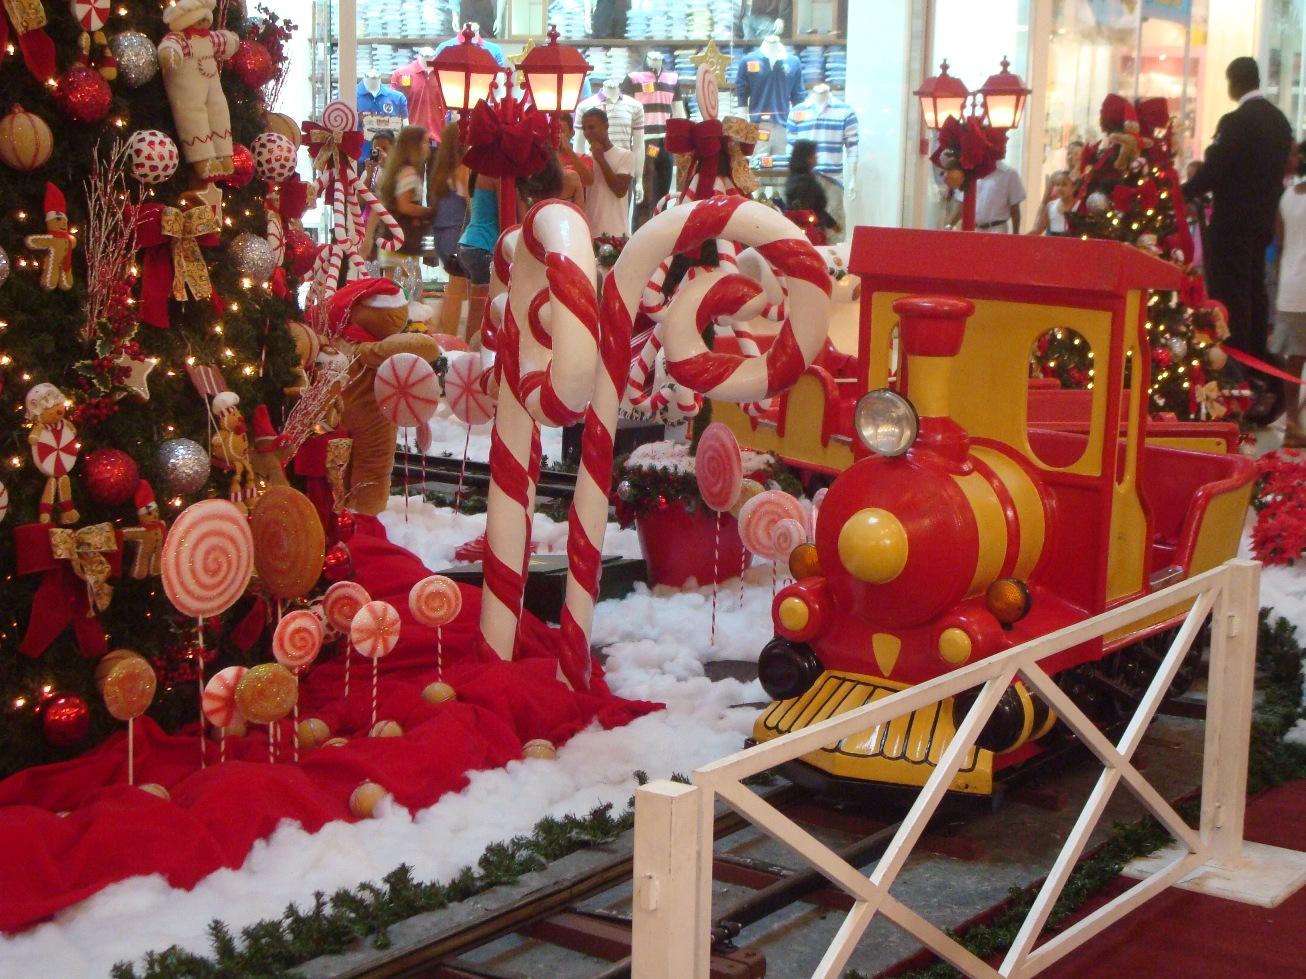 decoracao festa natalina : decoracao festa natalina:Algumas dicas para o feriado (enquanto as do fim de semana não chegam